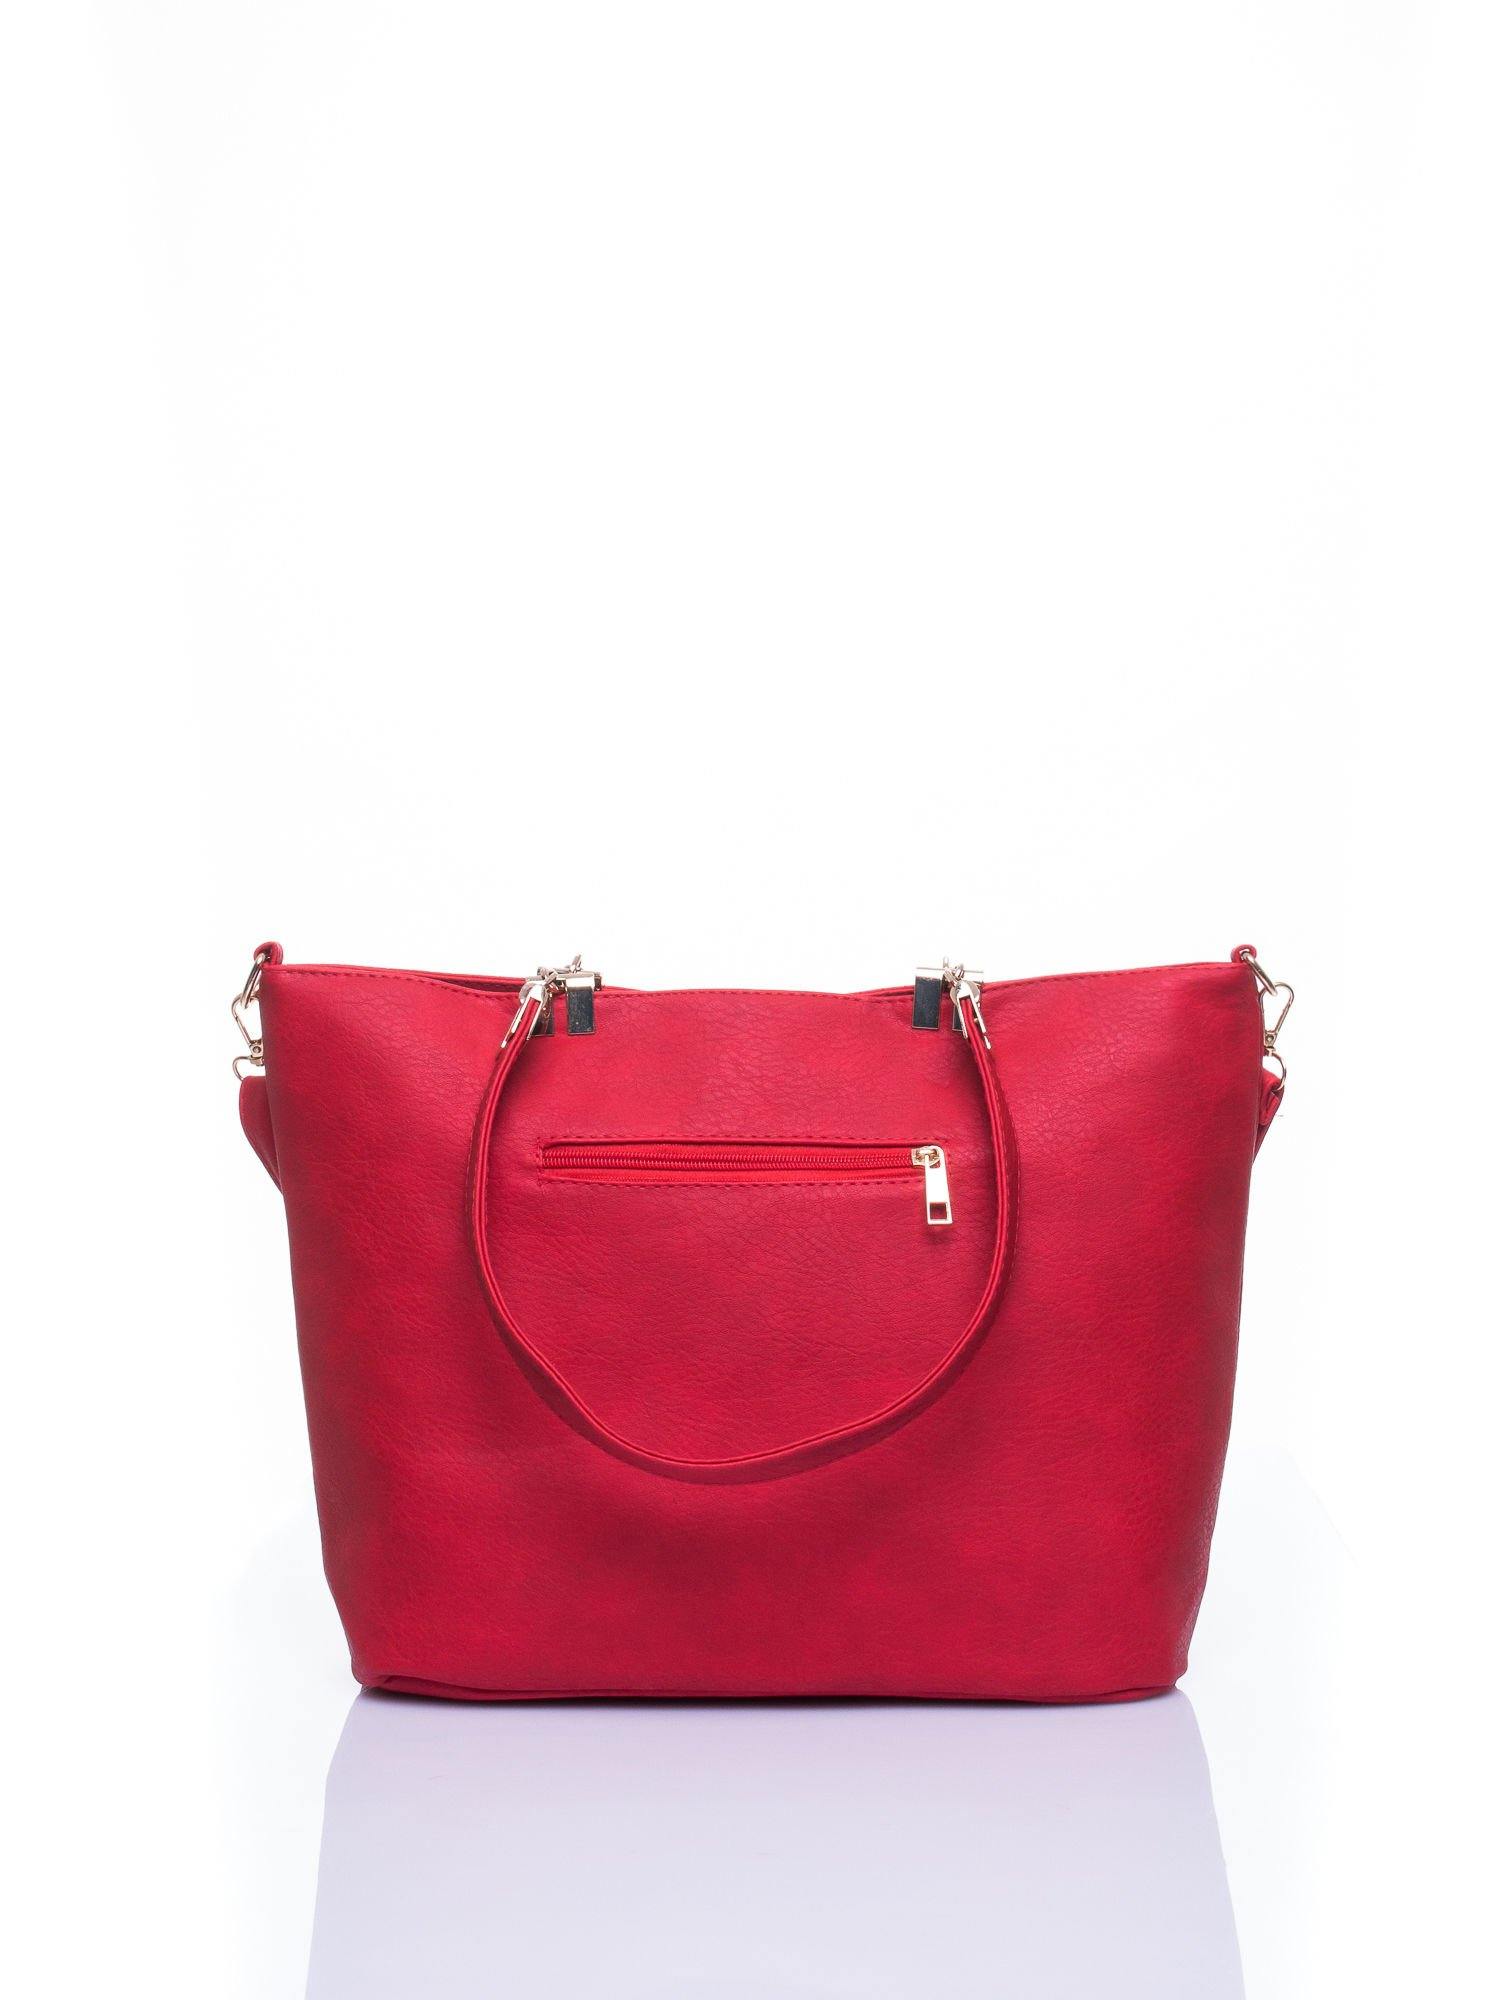 Czerwona fakturowana torebka damska ze złotymi okuciami                                  zdj.                                  3